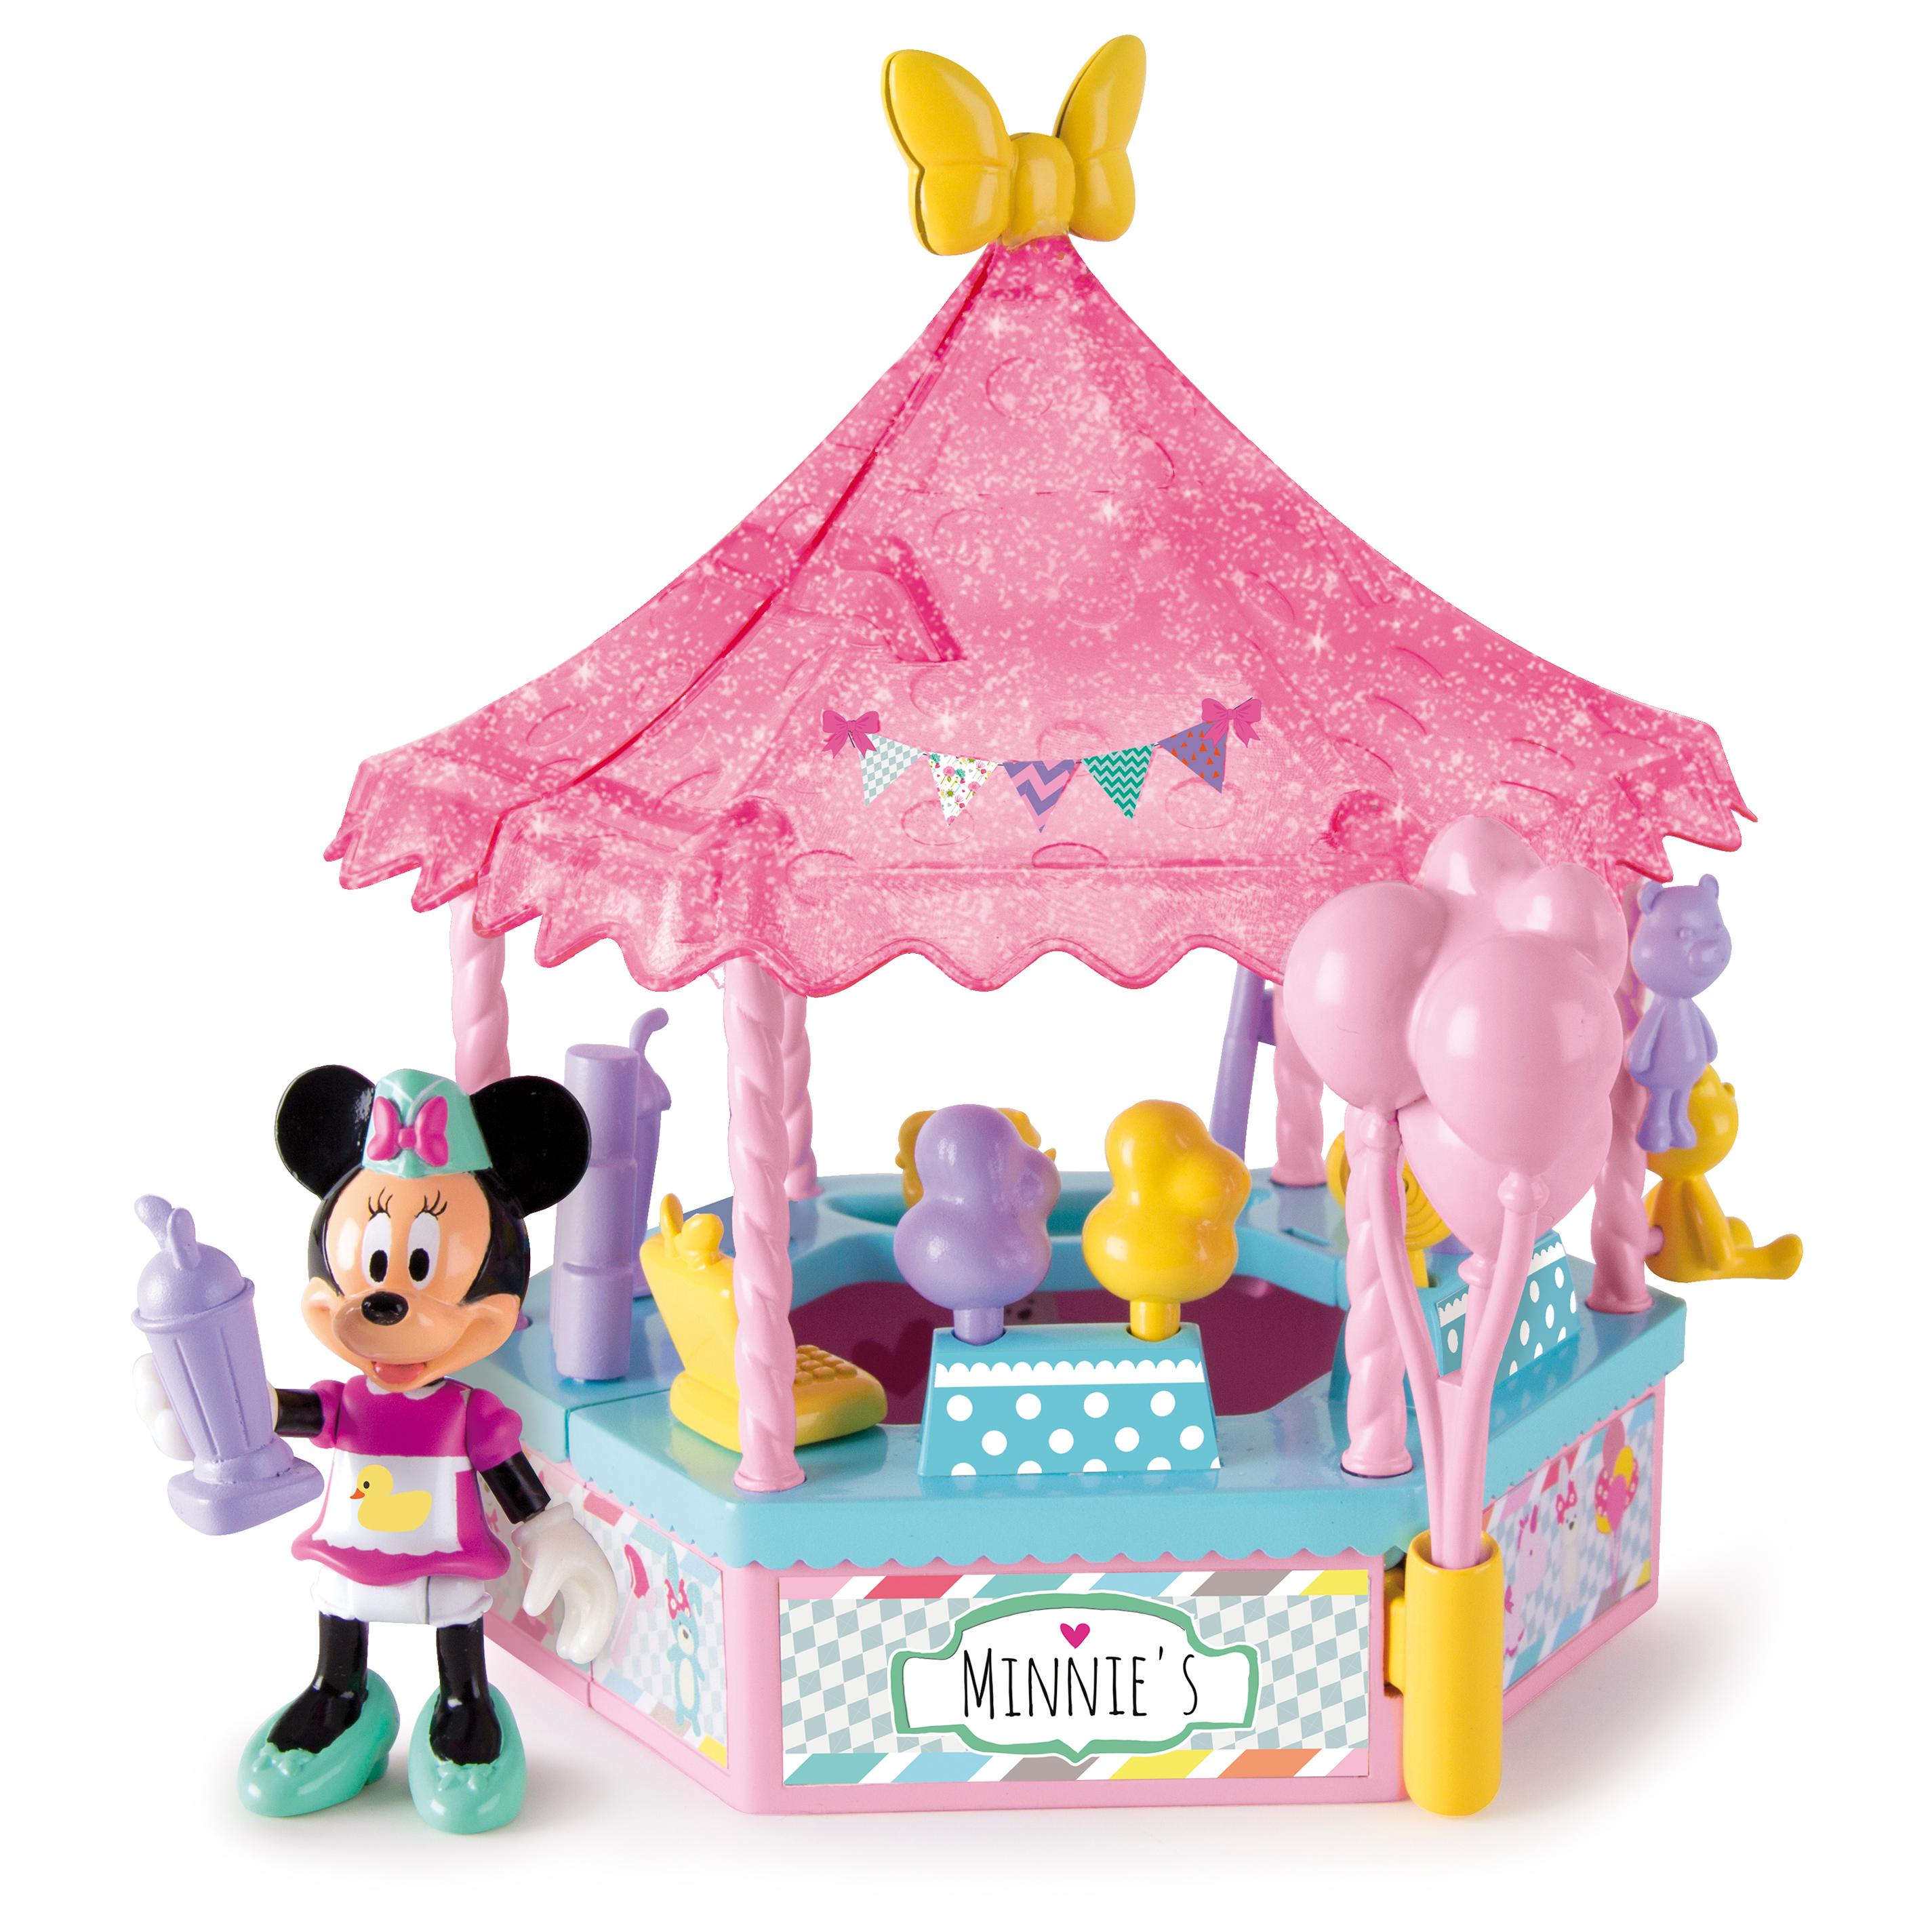 figurina minnie mouse - chiosc pentru balci